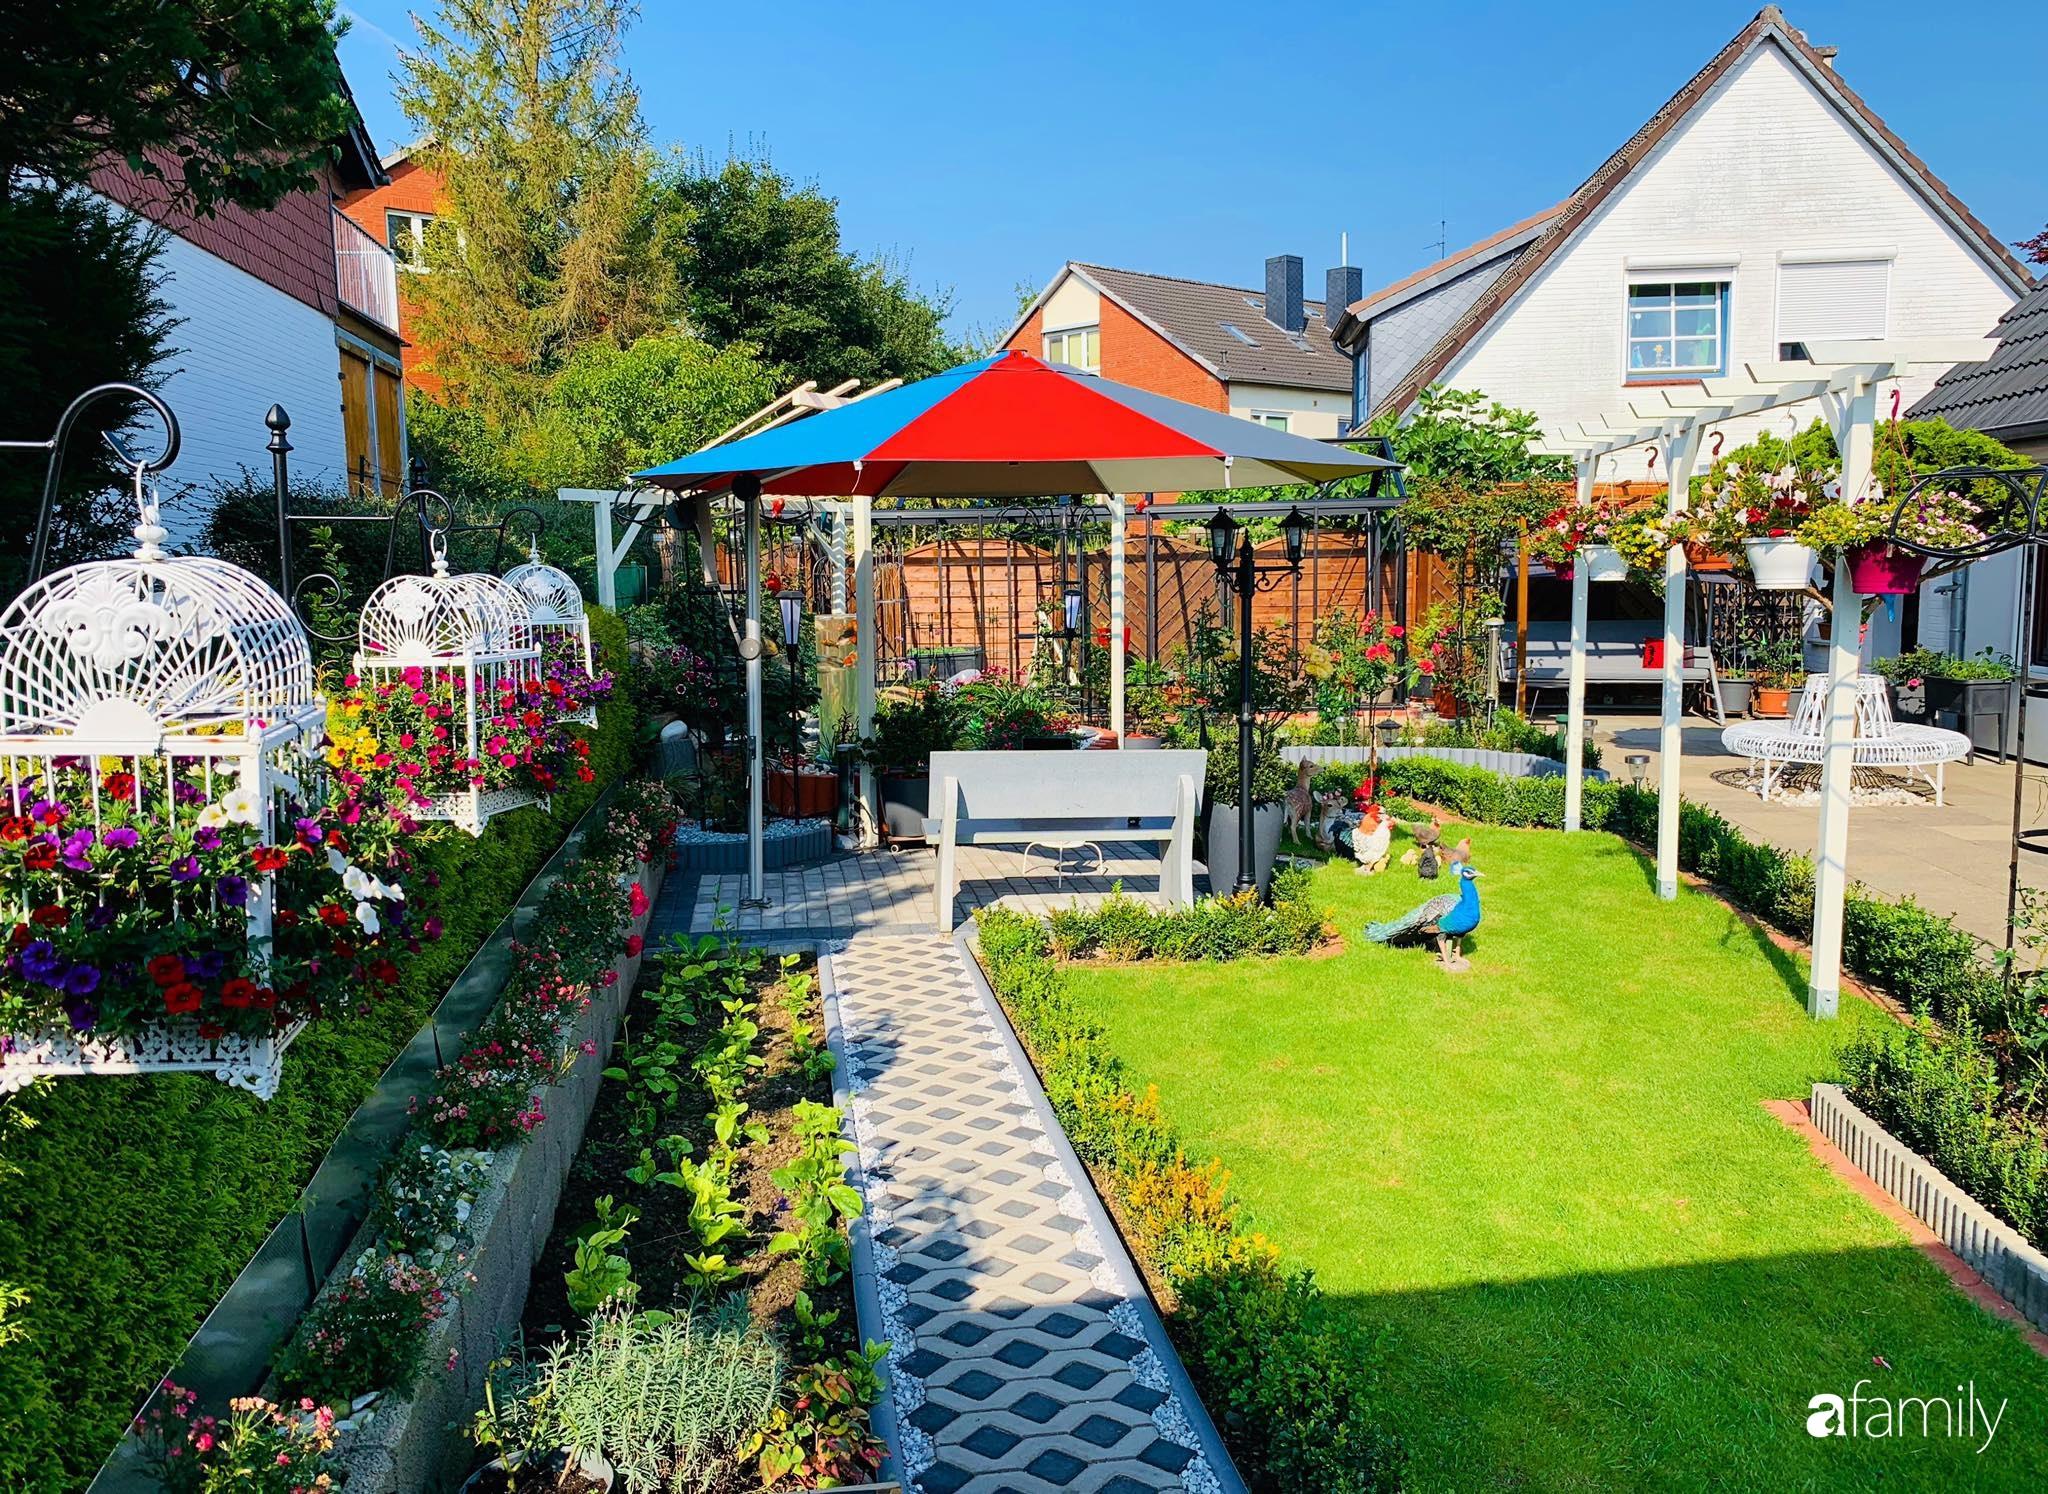 """Vườn hoa 500m² đẹp như cổ tích được tạo bởi tình yêu thiên nhiên của cặp vợ chồng dành cả """"thanh xuân"""" để trồng cây - Ảnh 13."""